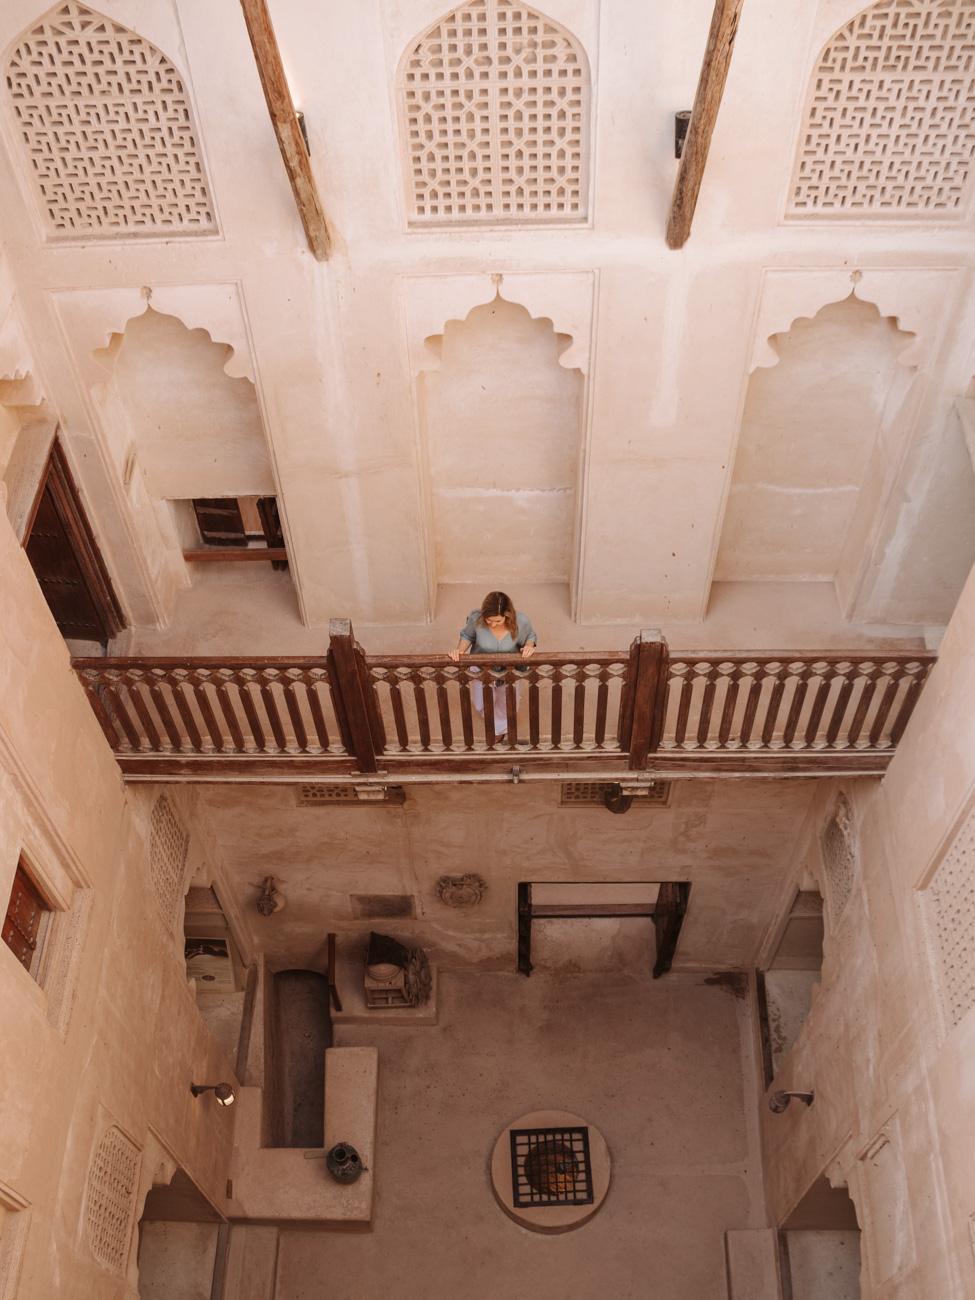 Jibreen Castle interior - Oman Travel Guide